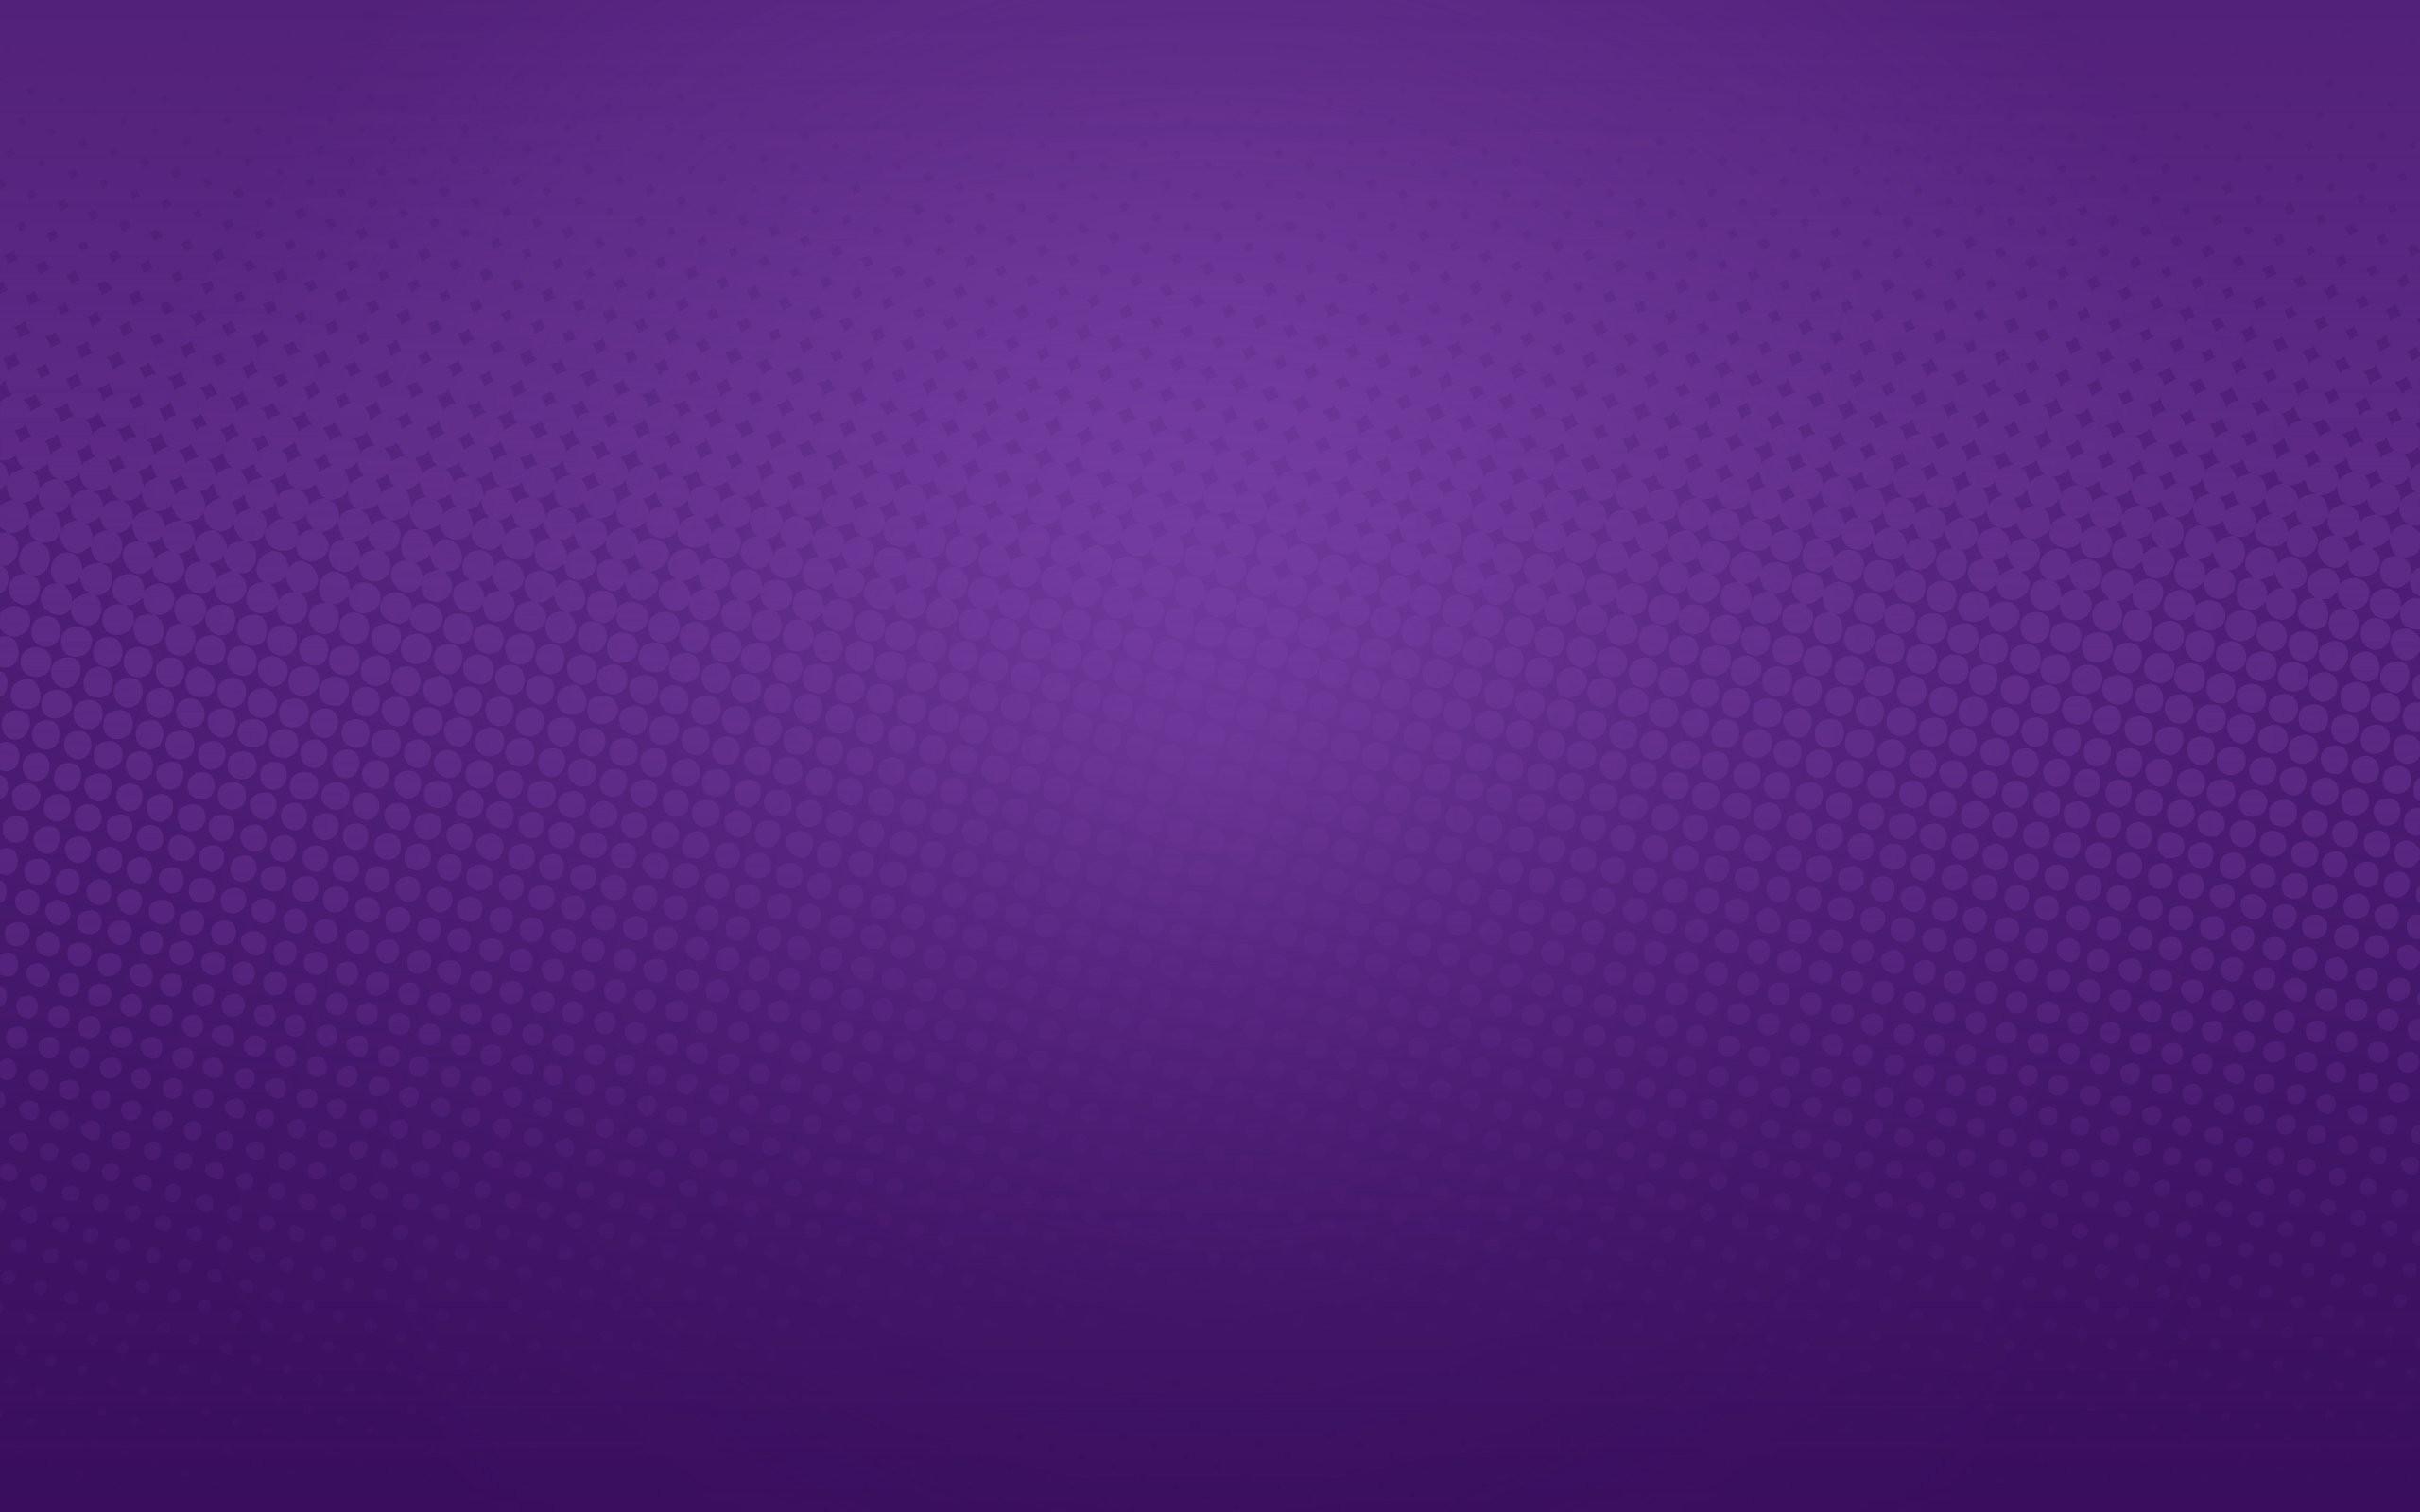 Purple wallpaper 5